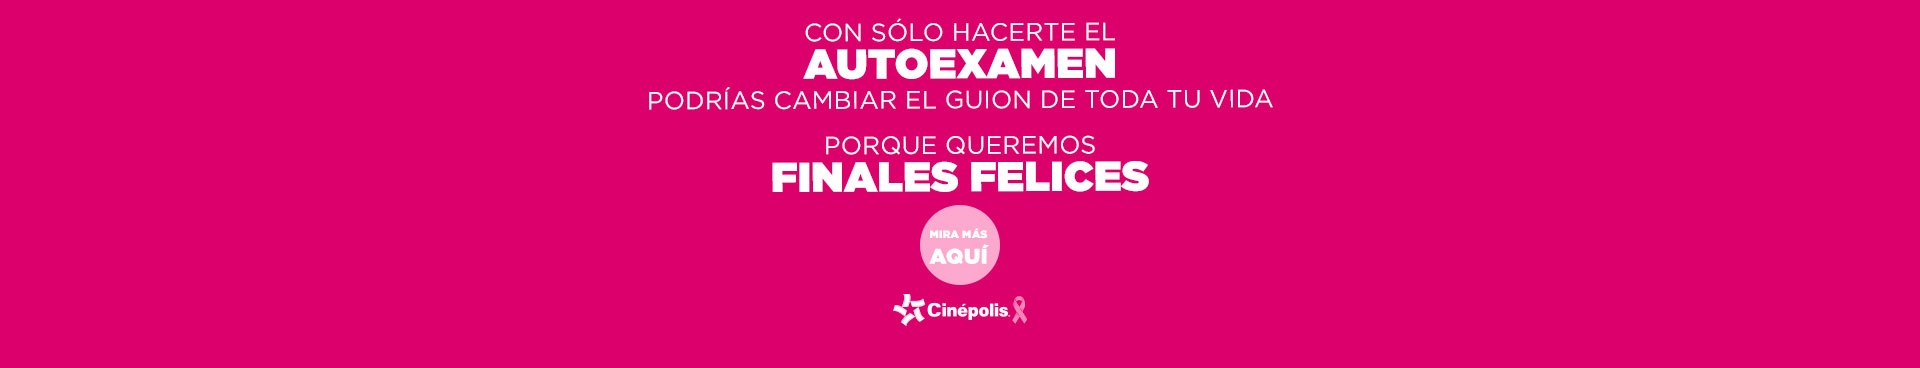 finales felices campaña rosa